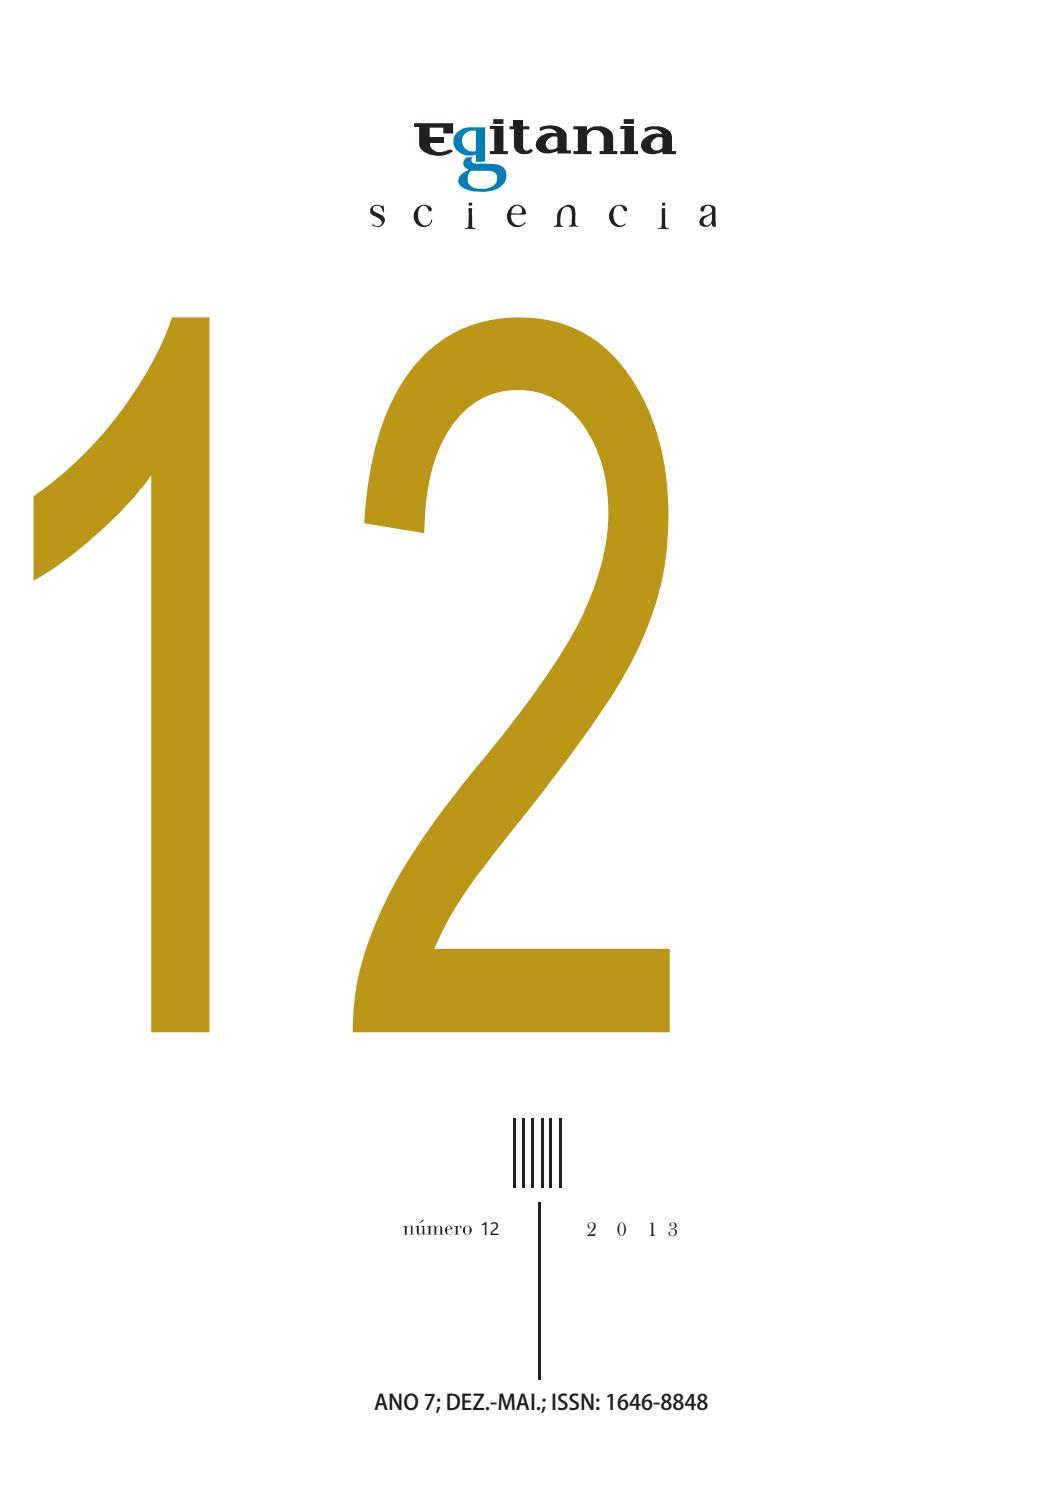 Egitania sciencia - Número 12 by UDI- IPG - issuu 10bb542af1